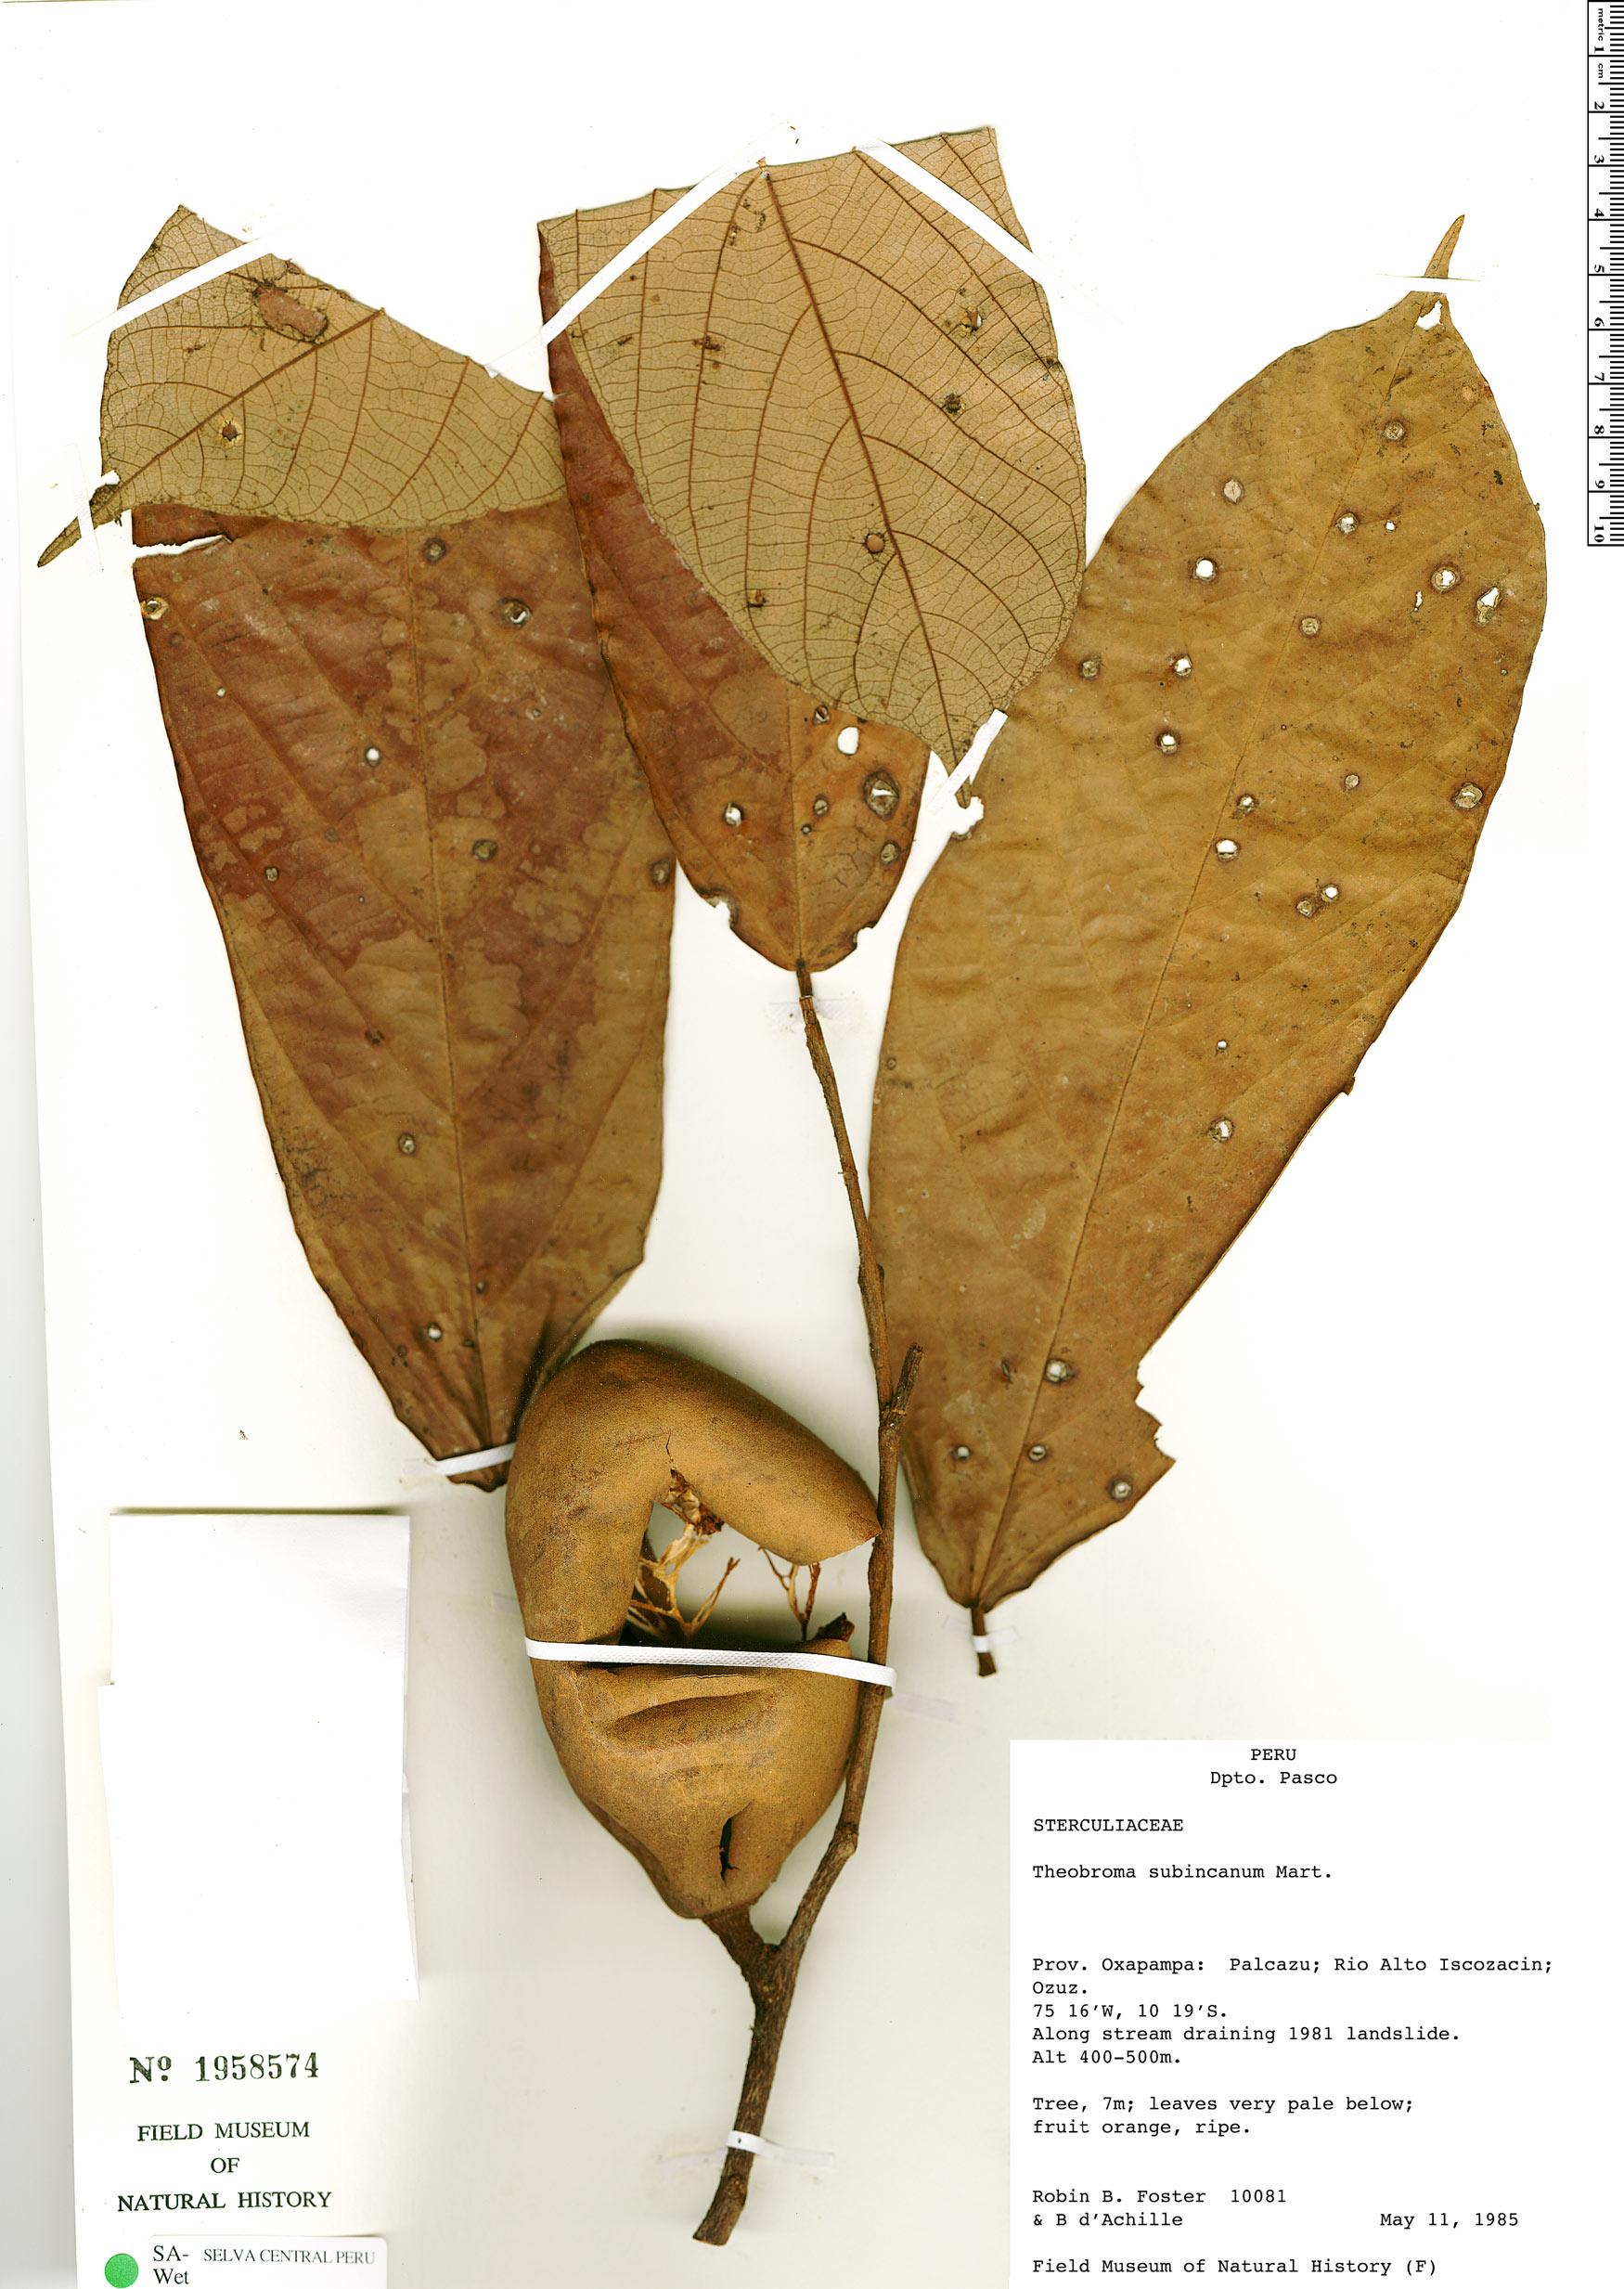 Specimen: Theobroma subincanum